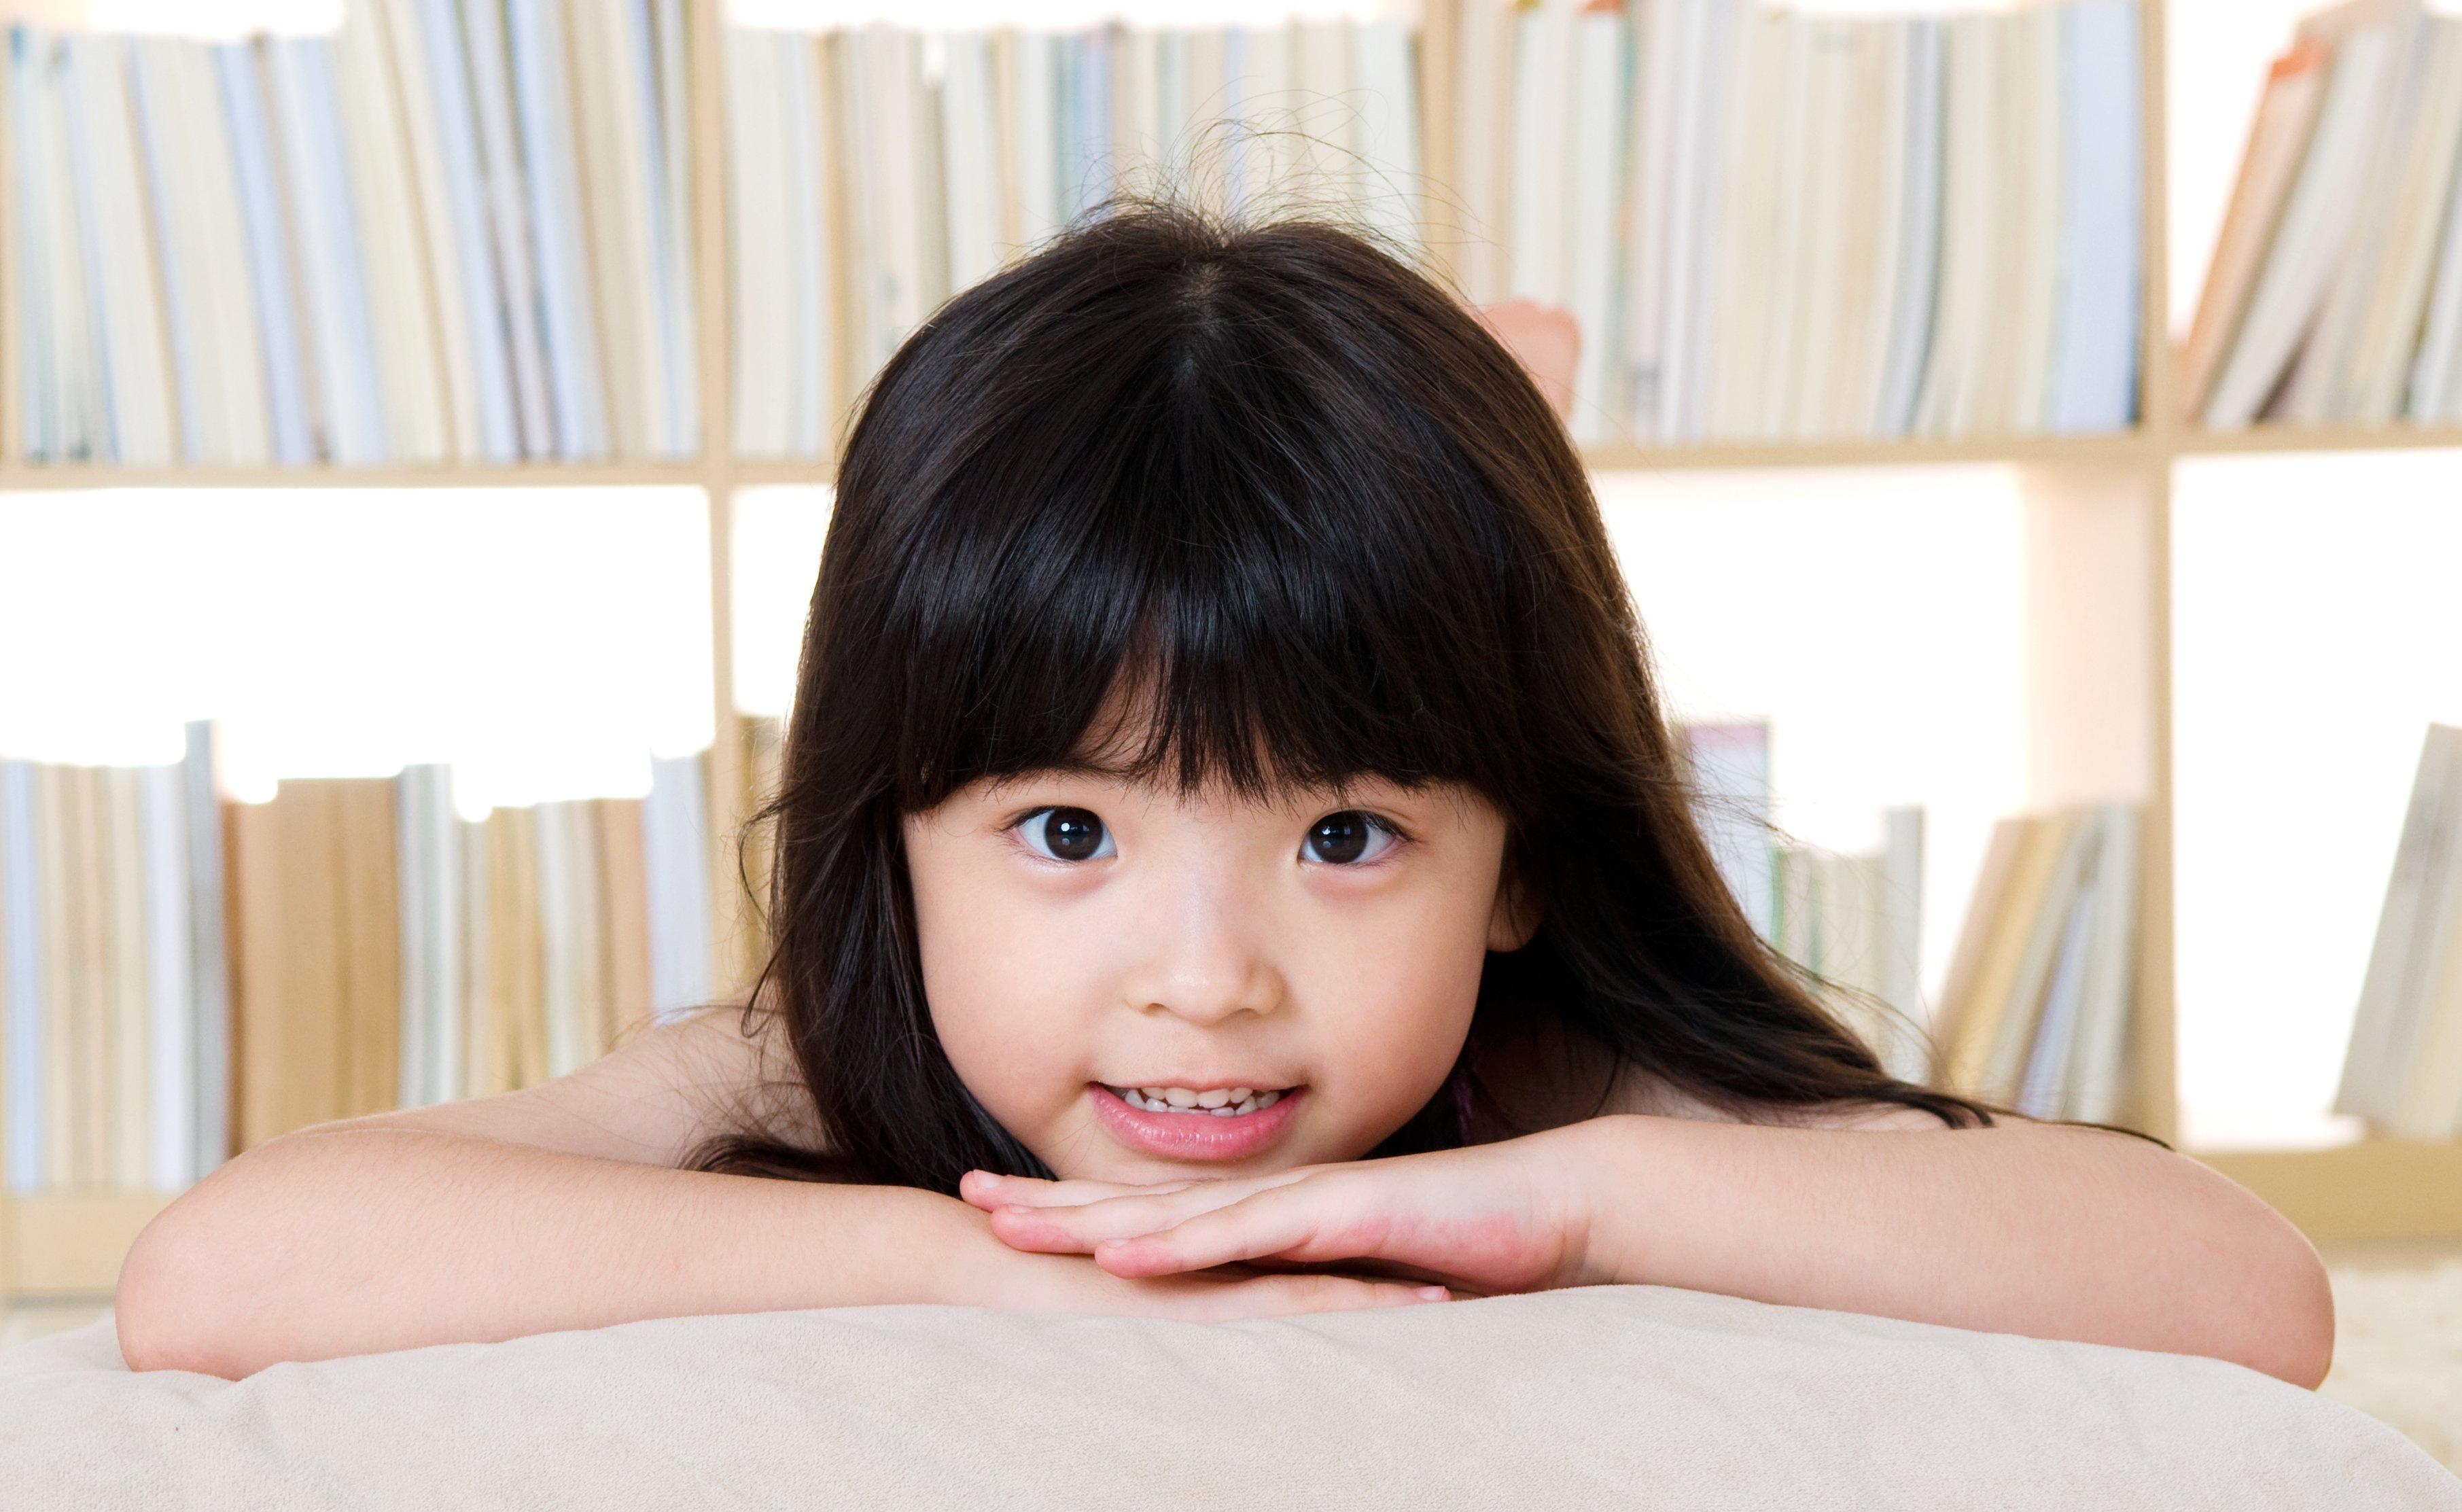 Neugieriges Mädchen | Quelle: Shutterstock